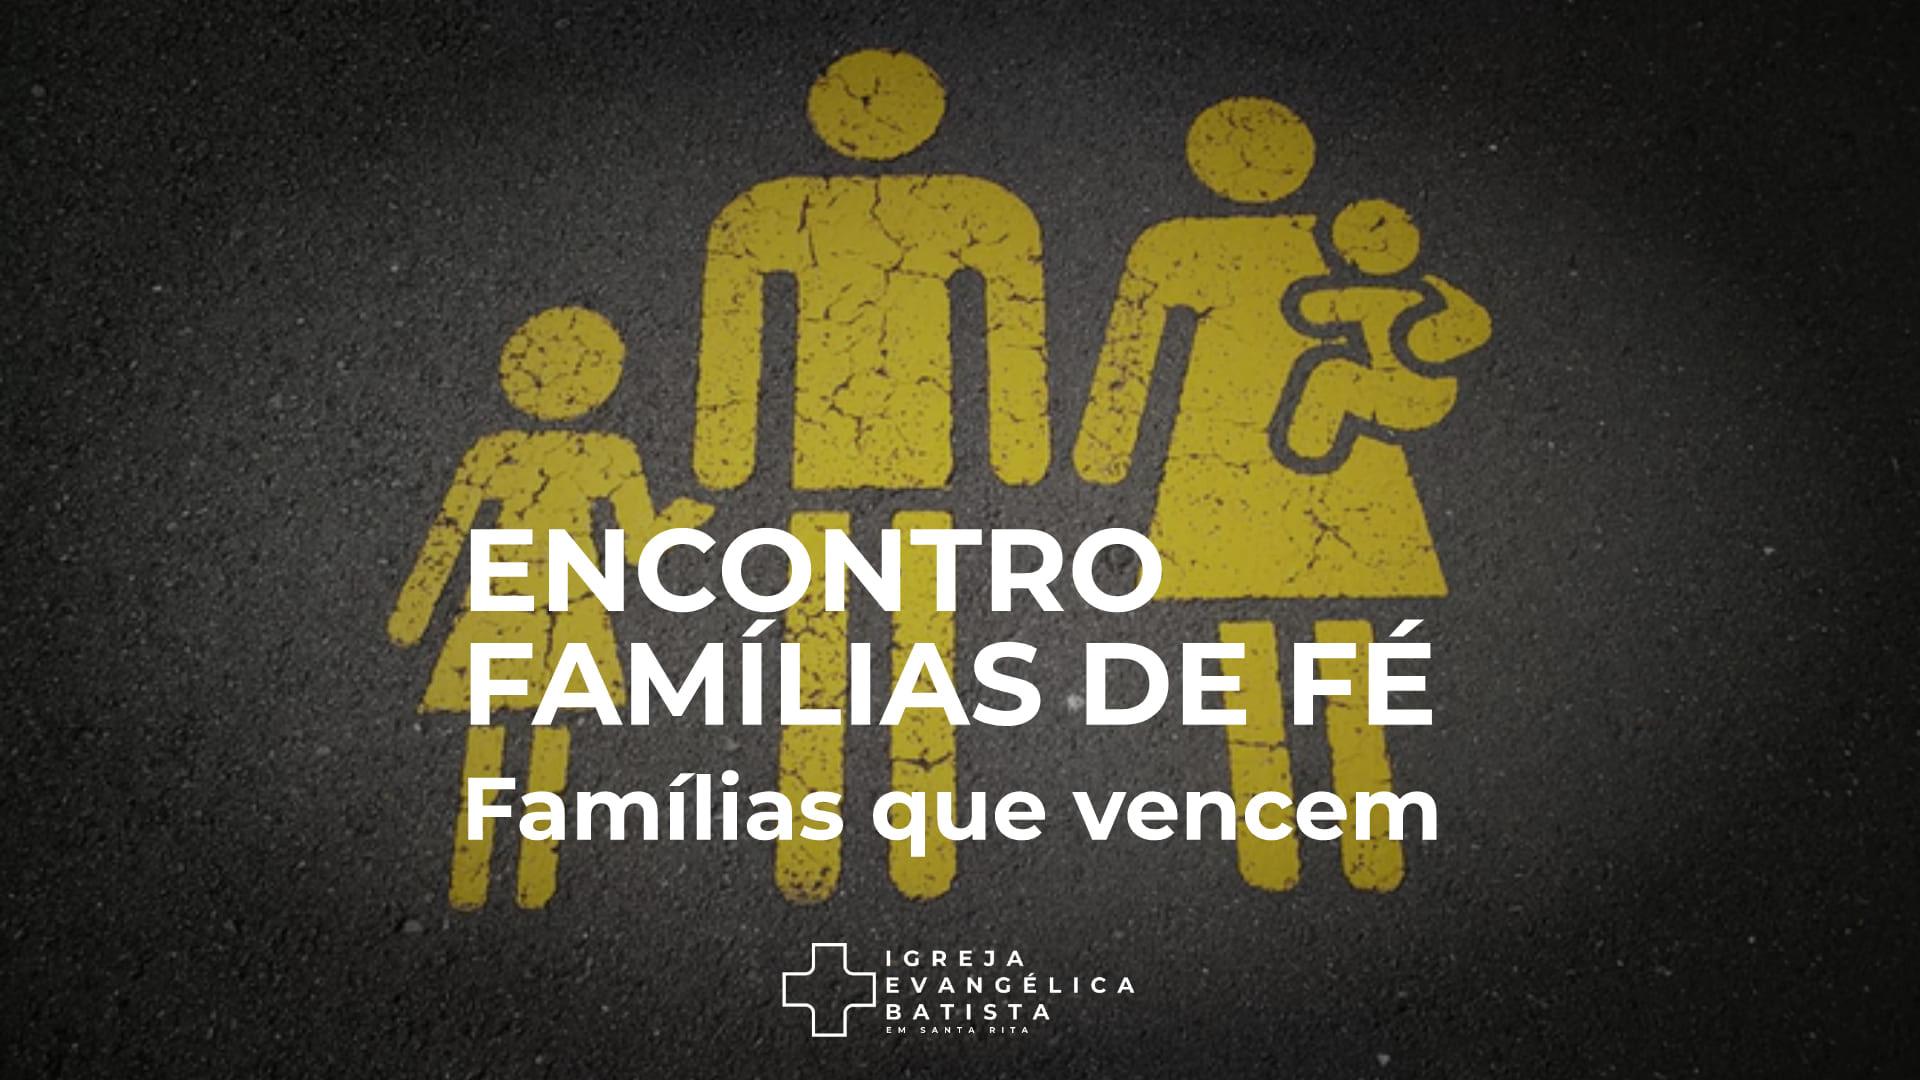 Encontro Famílias de Fé 7